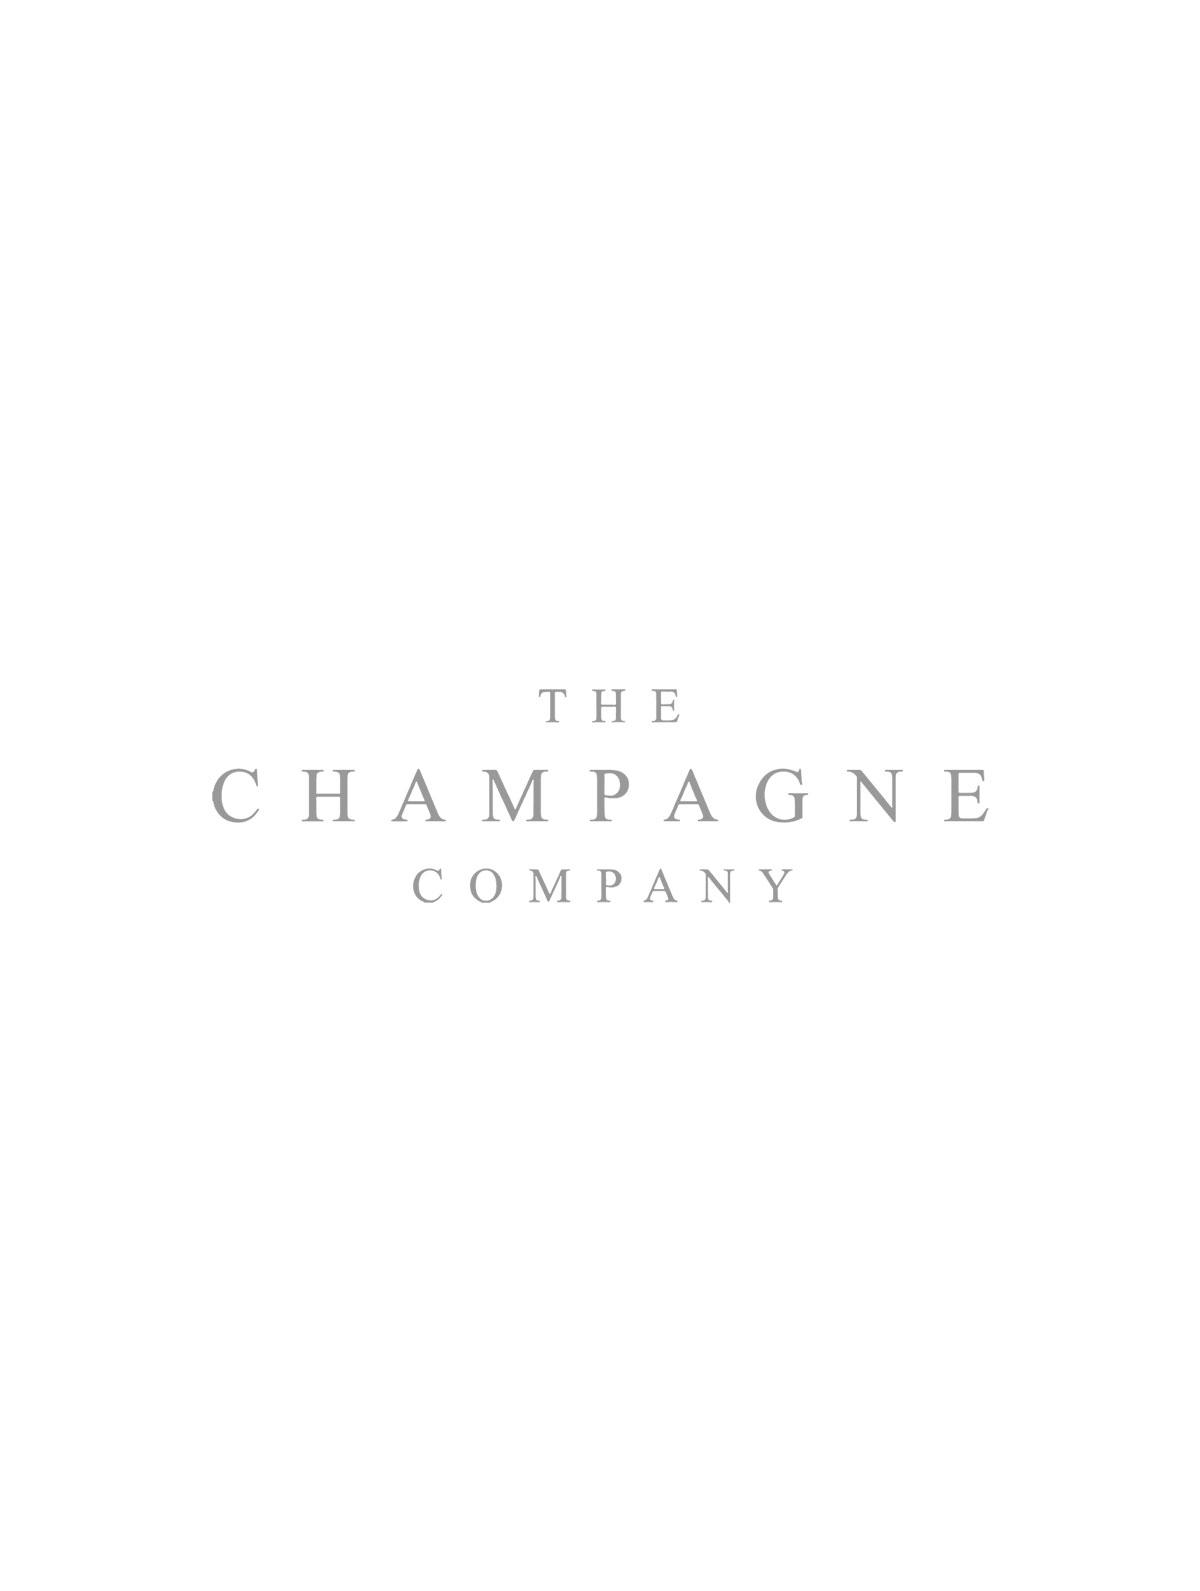 Laurent Perrier La Cuvee Champagne Methuselah 600cl Wooden Box